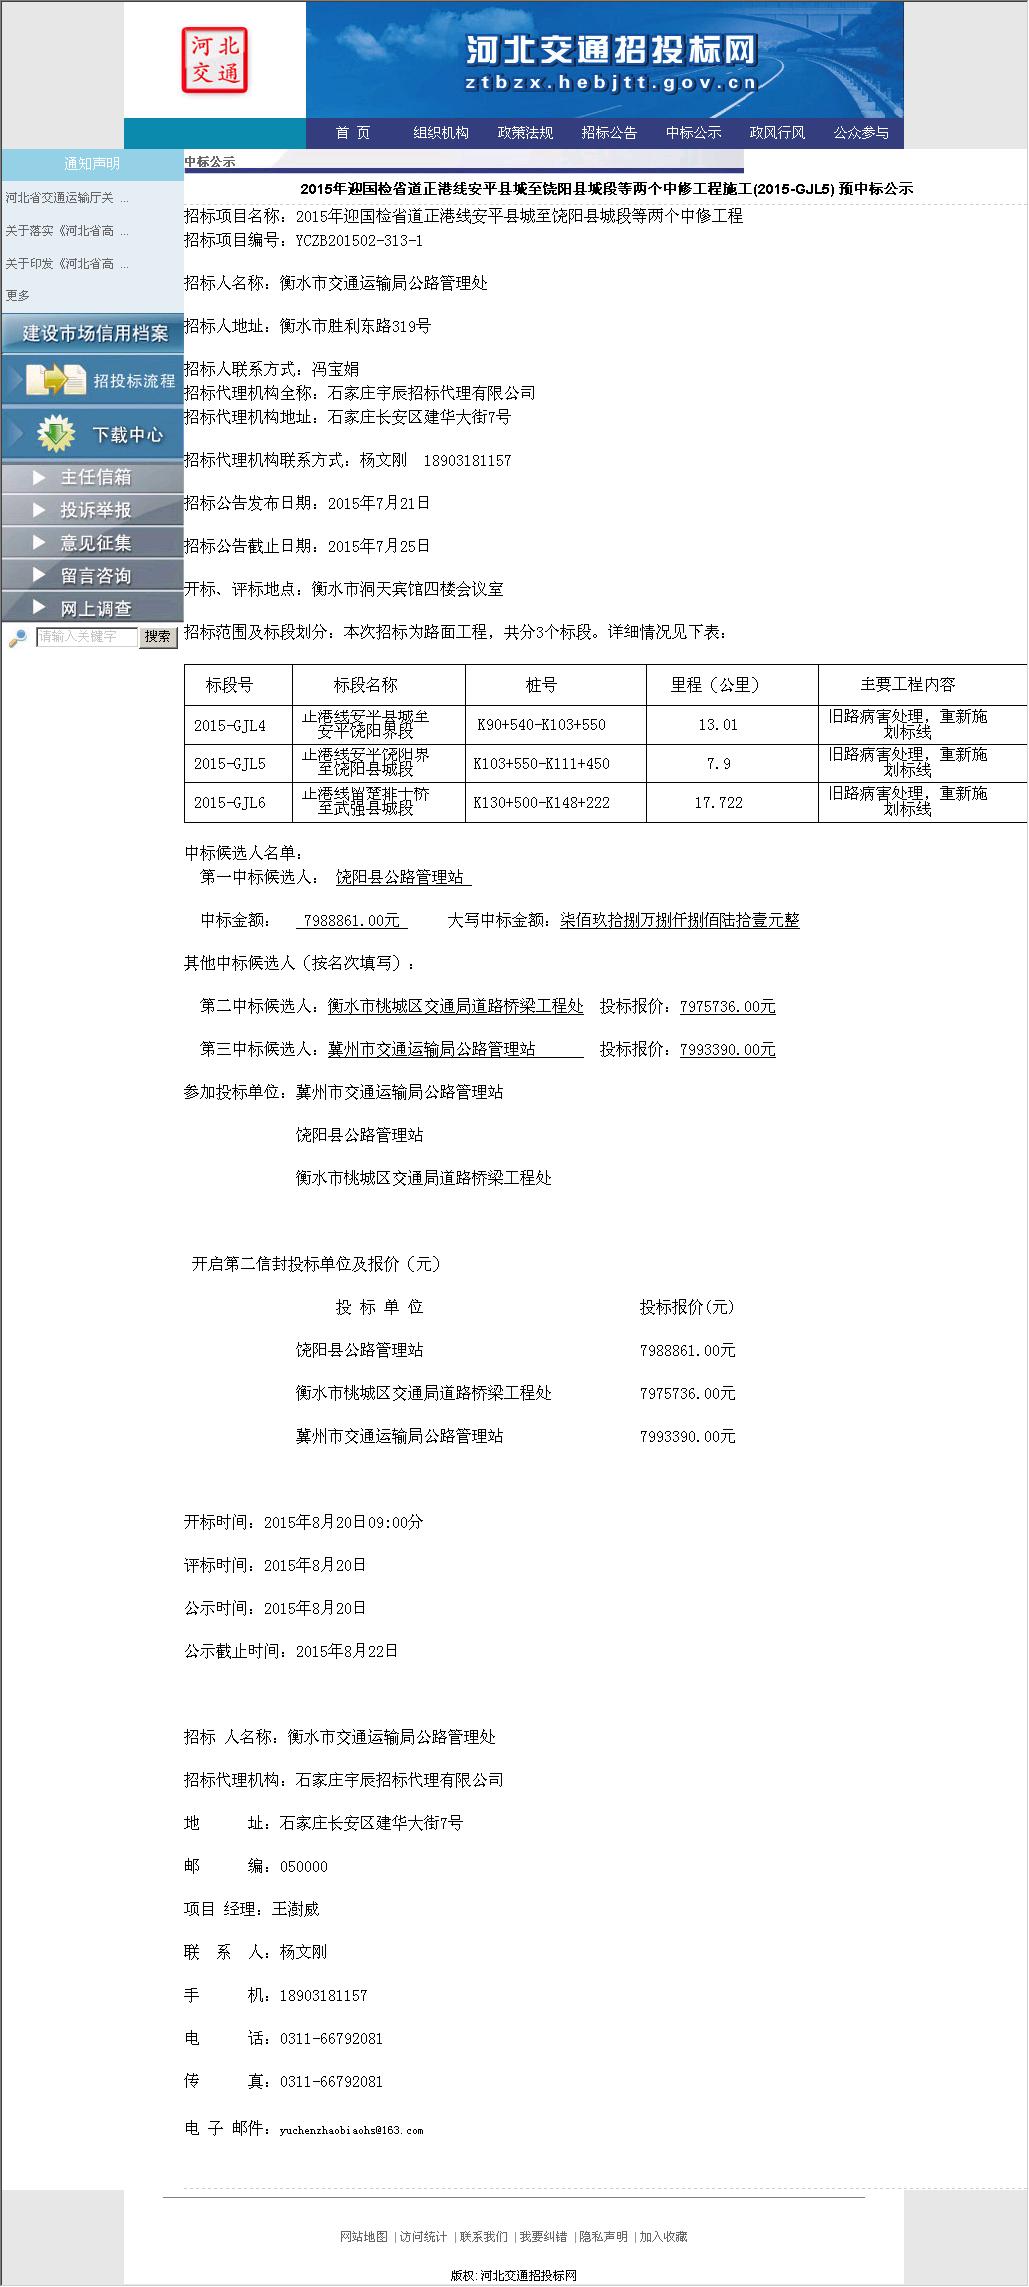 饶阳县公路管理站 2015年迎国检省道正港线安平县城至